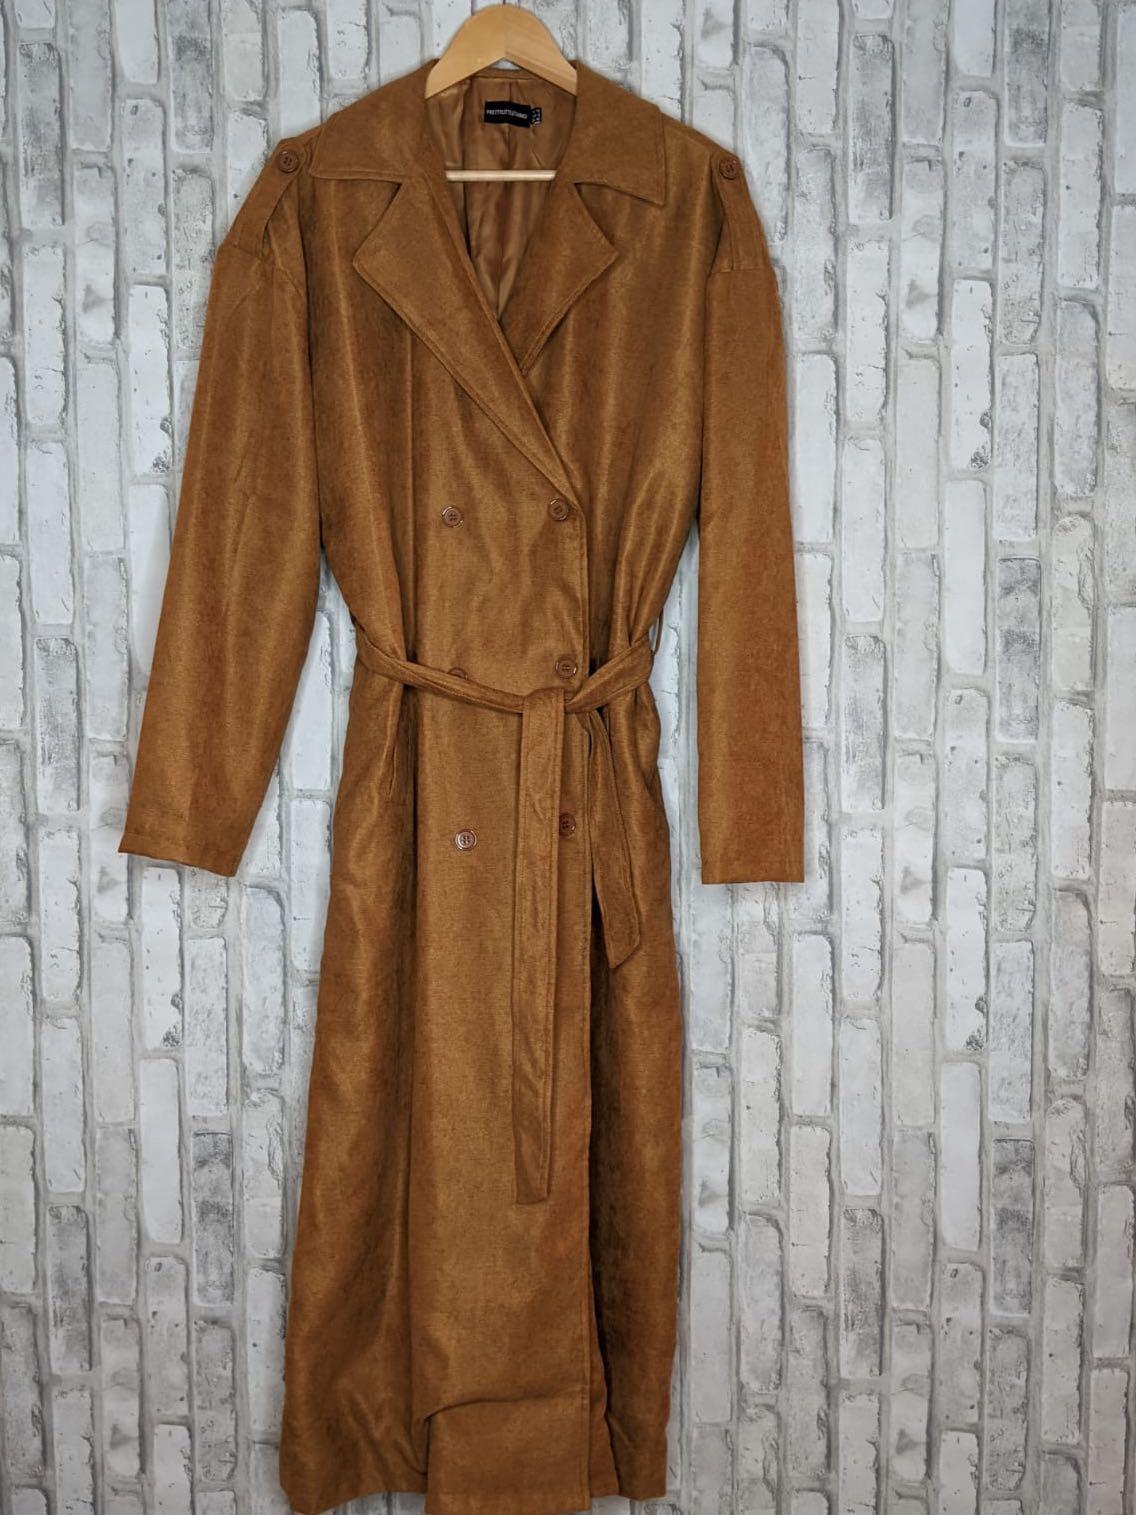 Women's brown trench coat